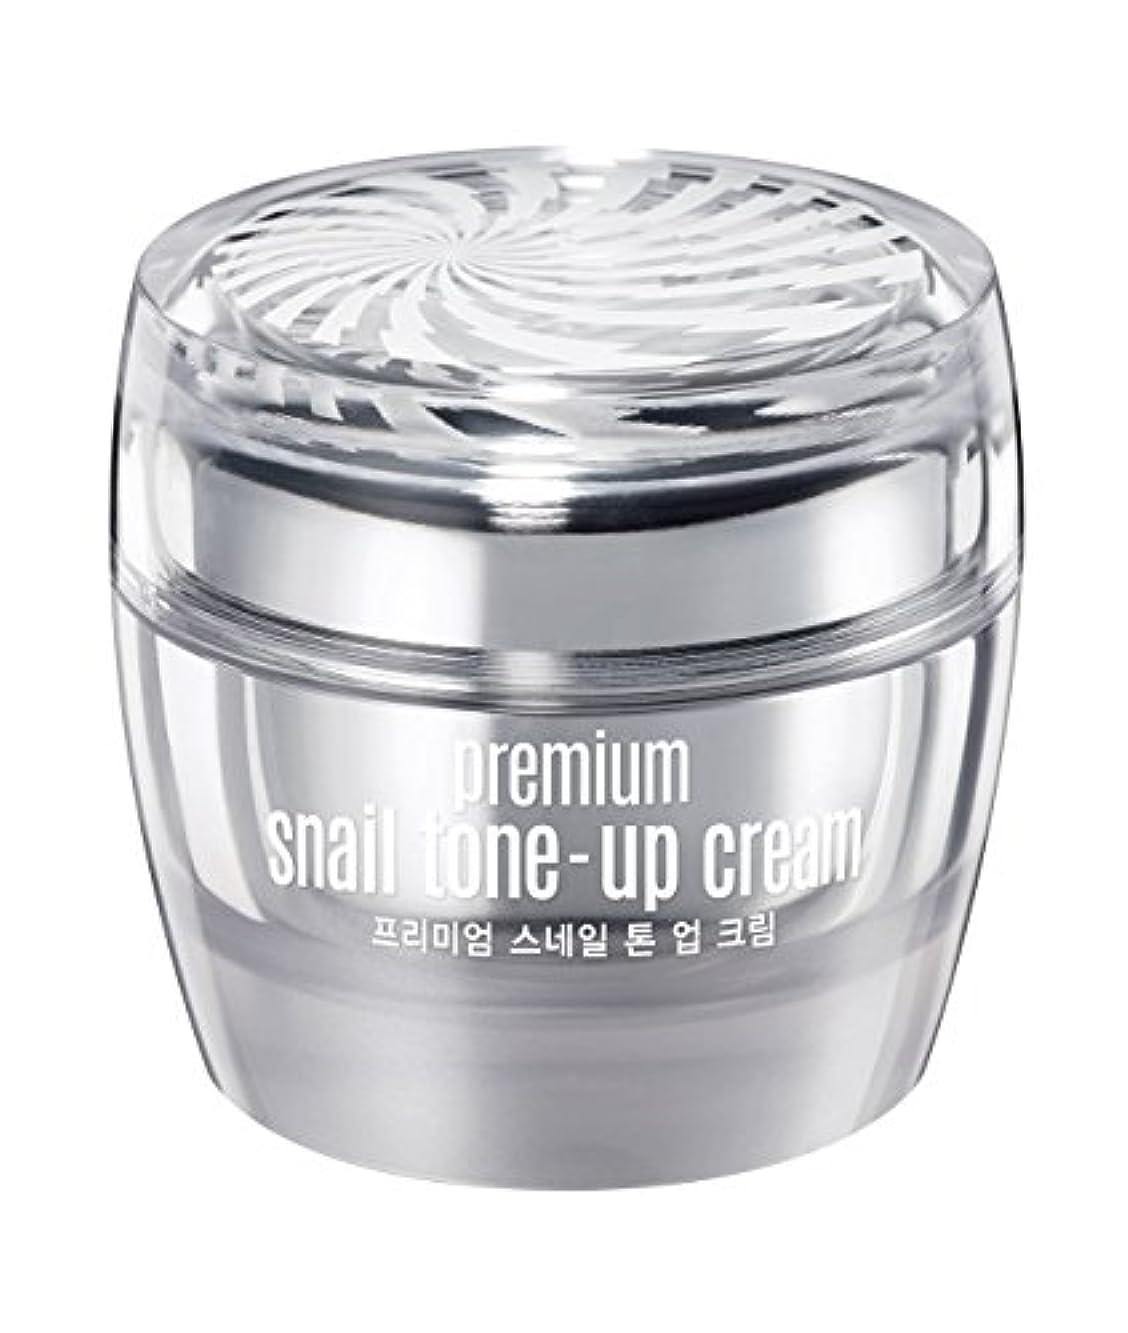 スキップ思慮のないを通してGoodal Premium Snail Tone Up Whitening Cream 50ml プレミアムカタツムリトーンアップクリーム